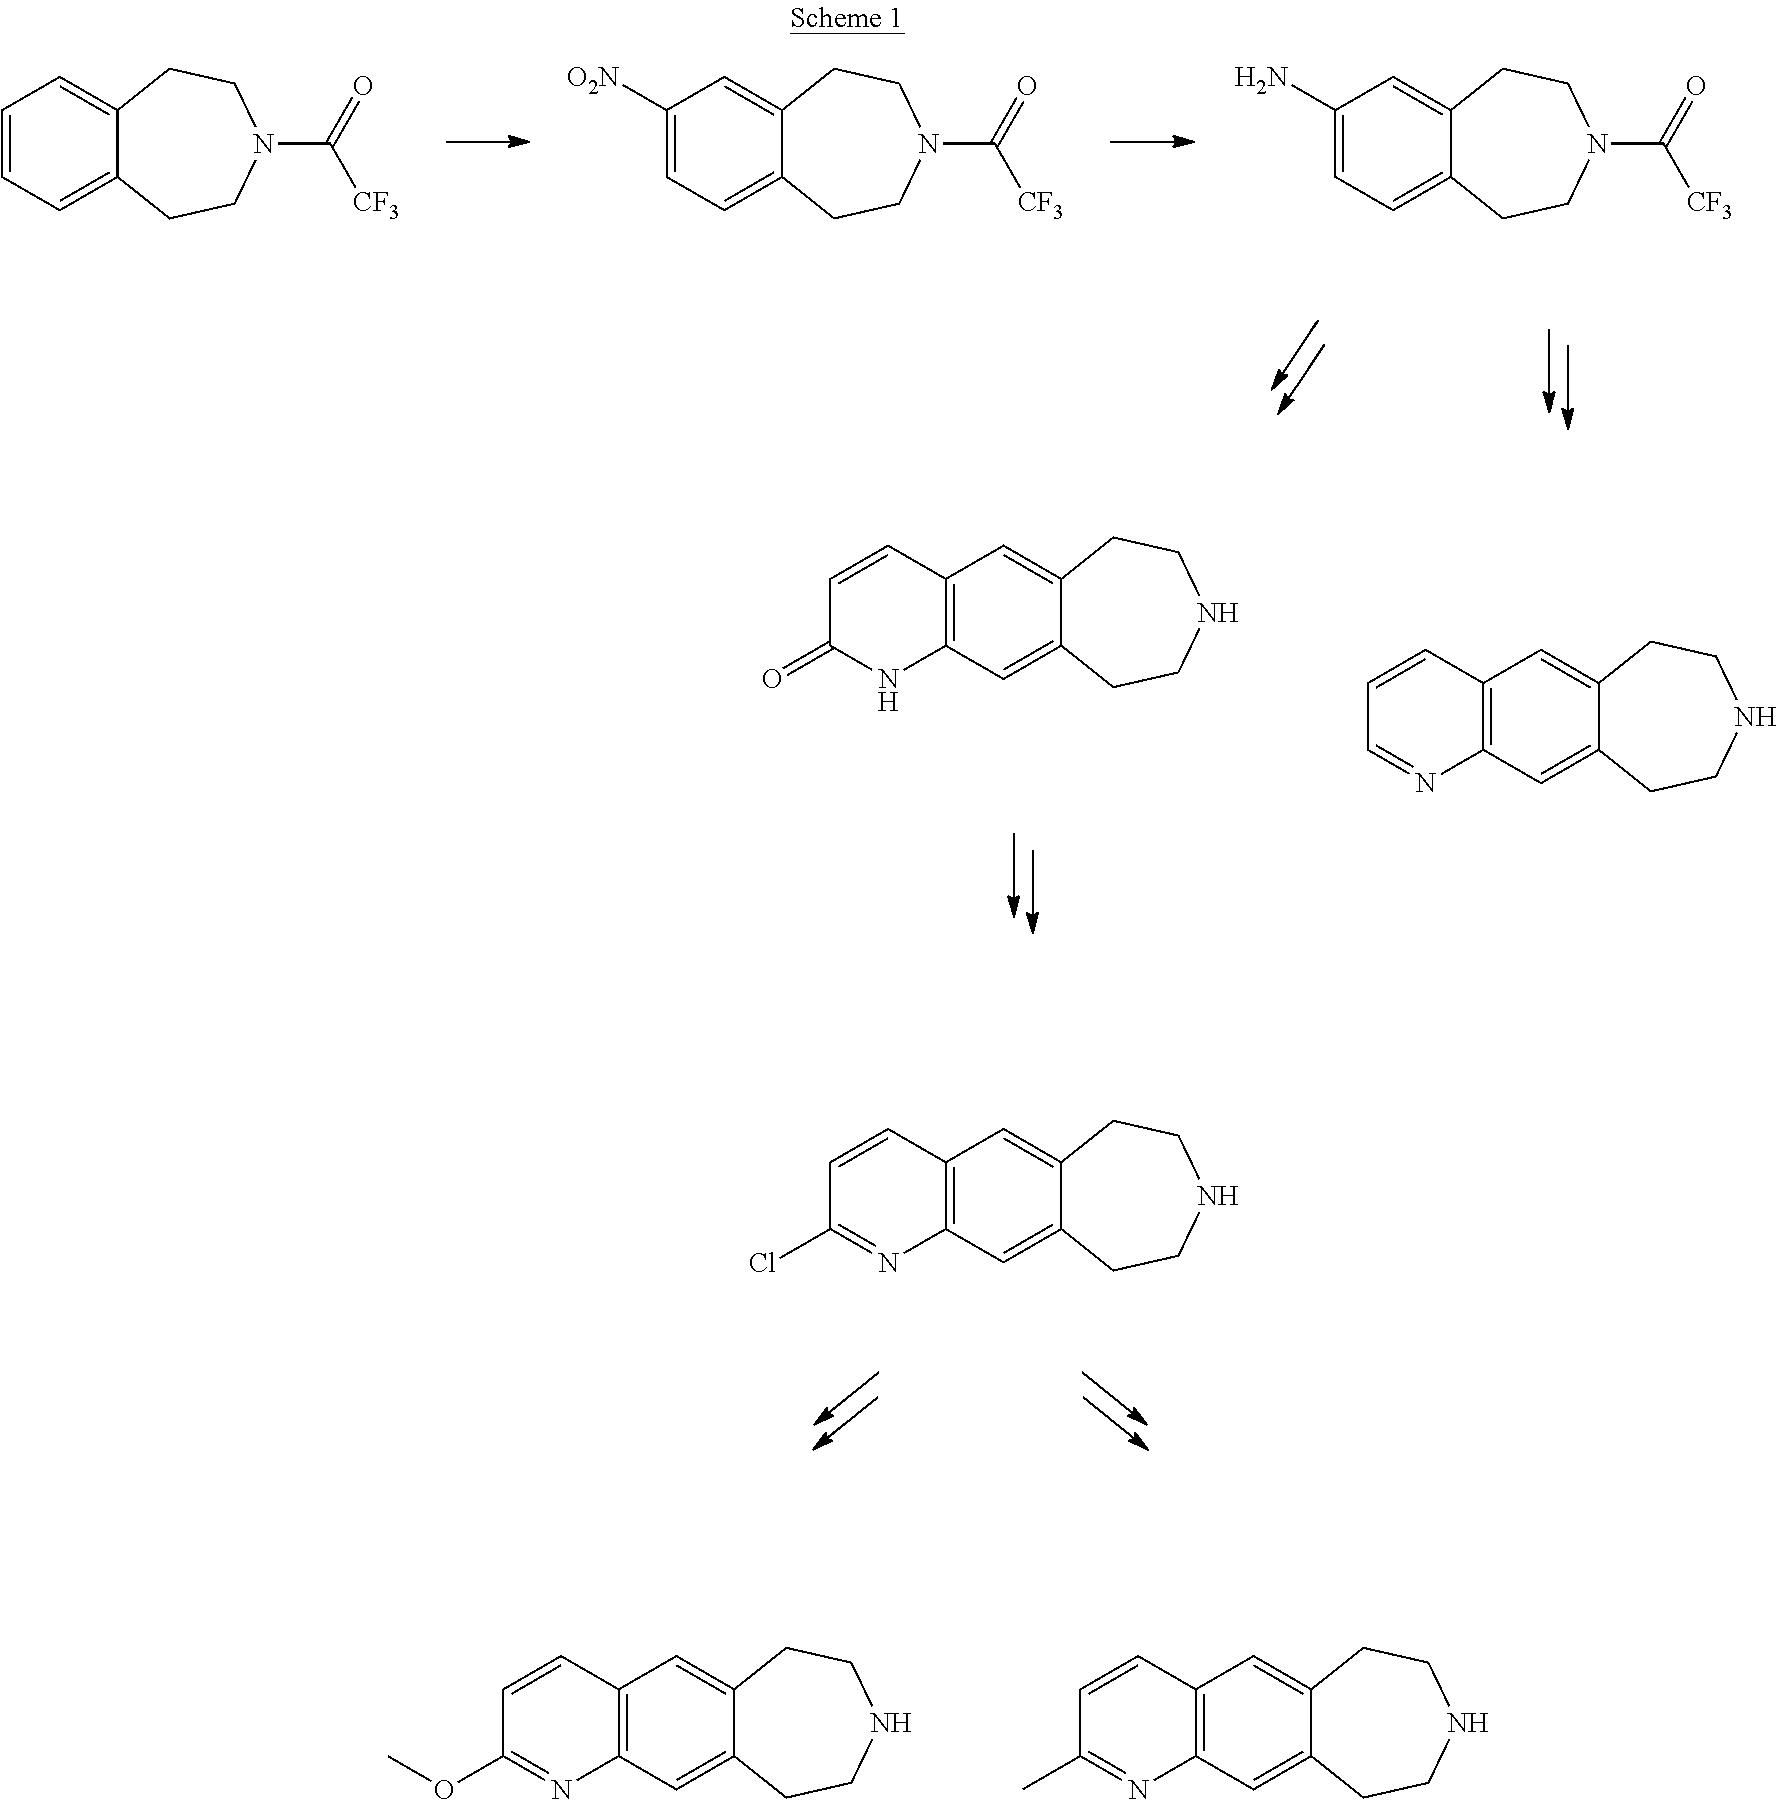 Figure US20120053168A1-20120301-C00009